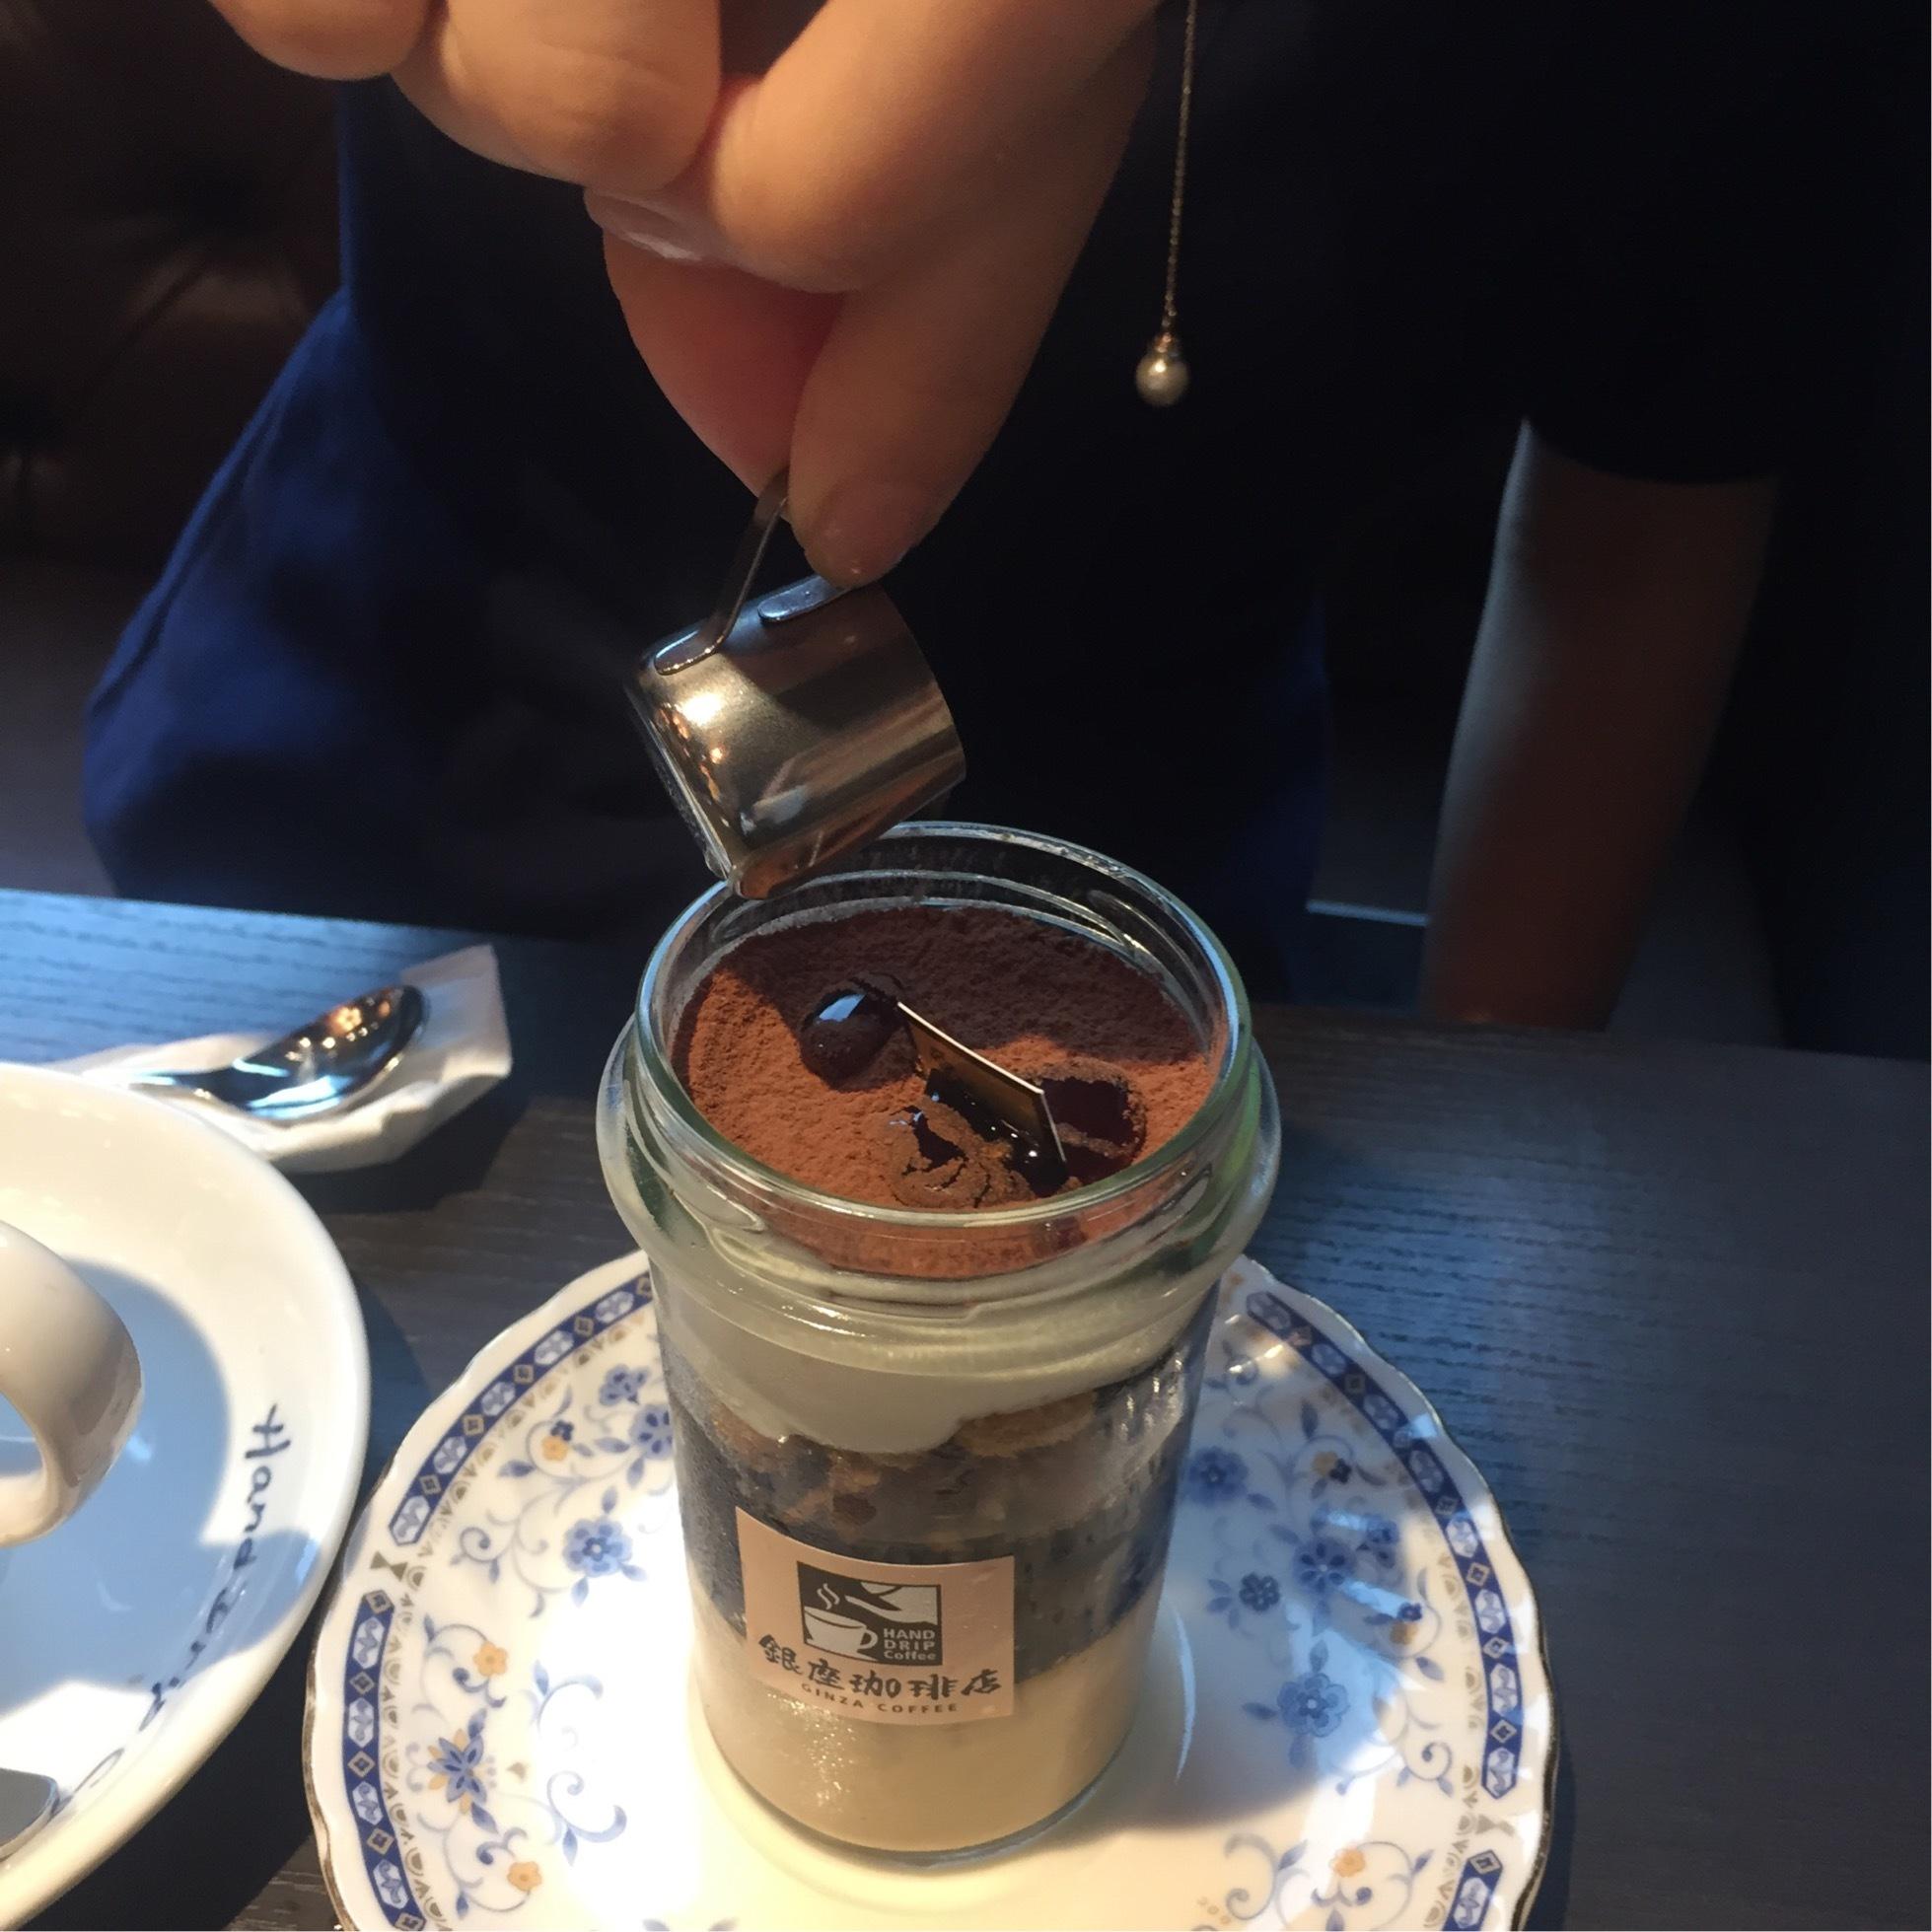 銀座の昔ながらの喫茶店♪【パンケーキ】_1_3-2